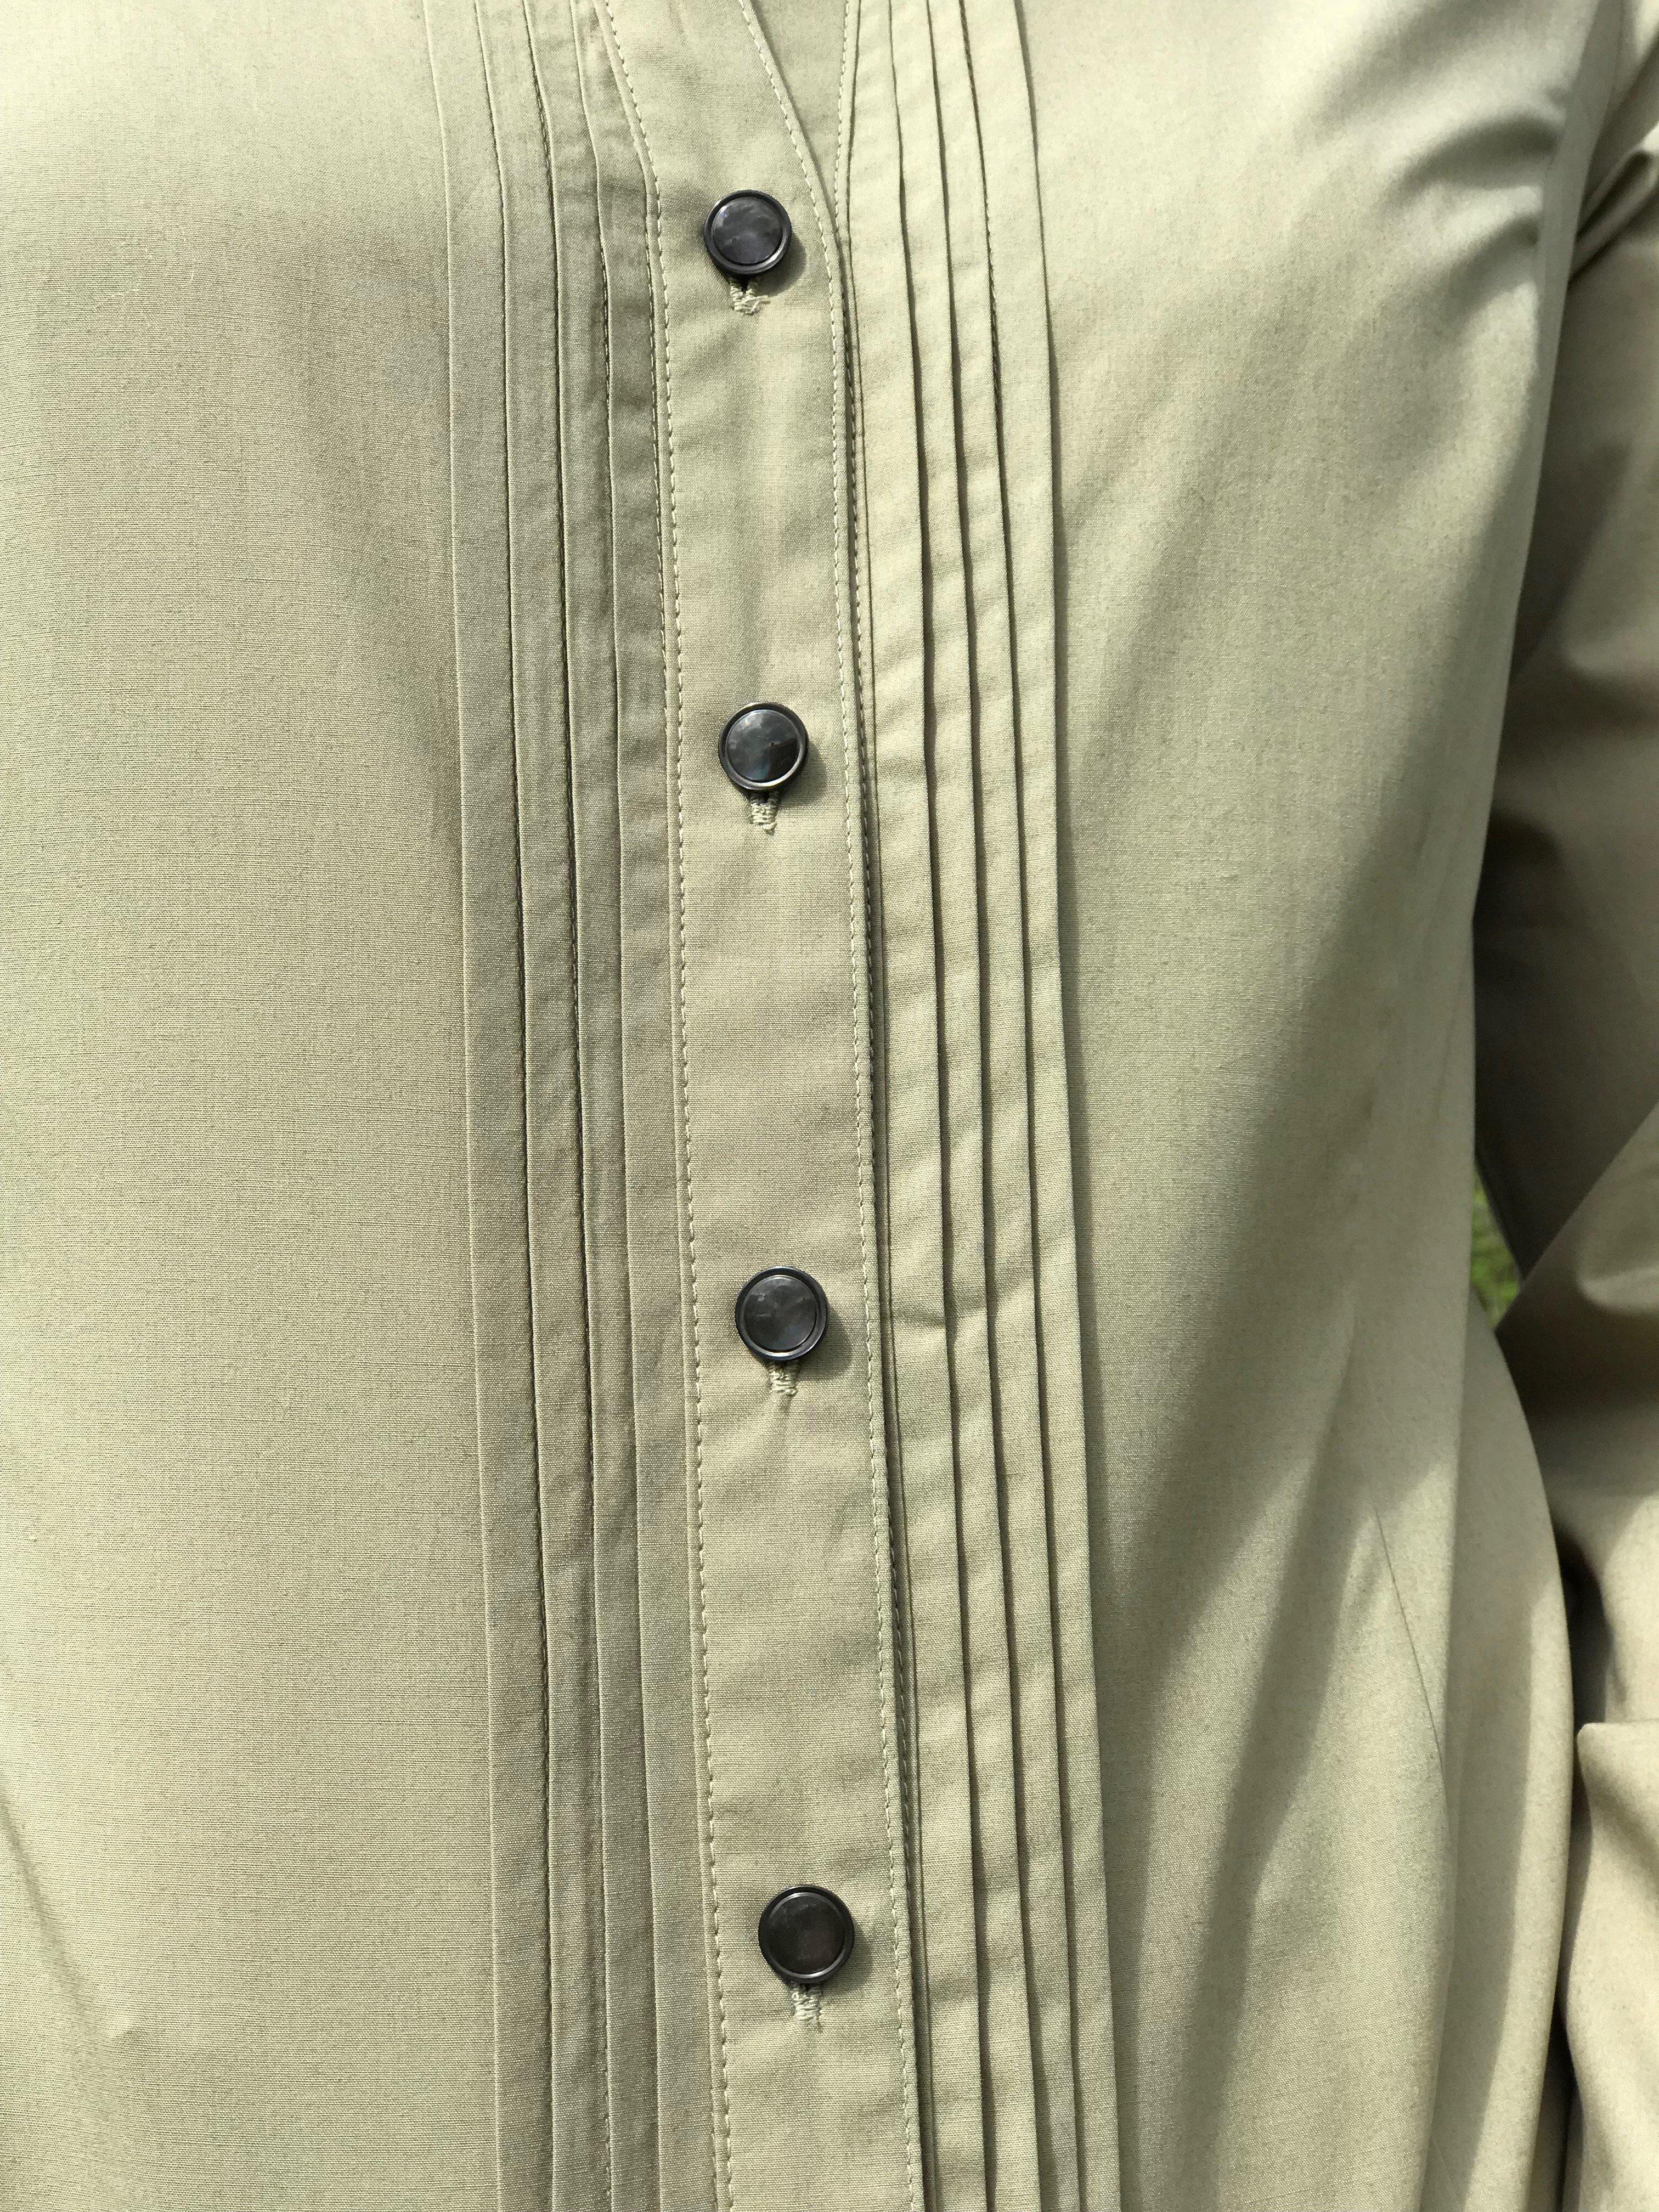 Skjortan Lotta mossgrön i 100% GOTS bomull med pärlemorknappar. Bild på knäppning fram.